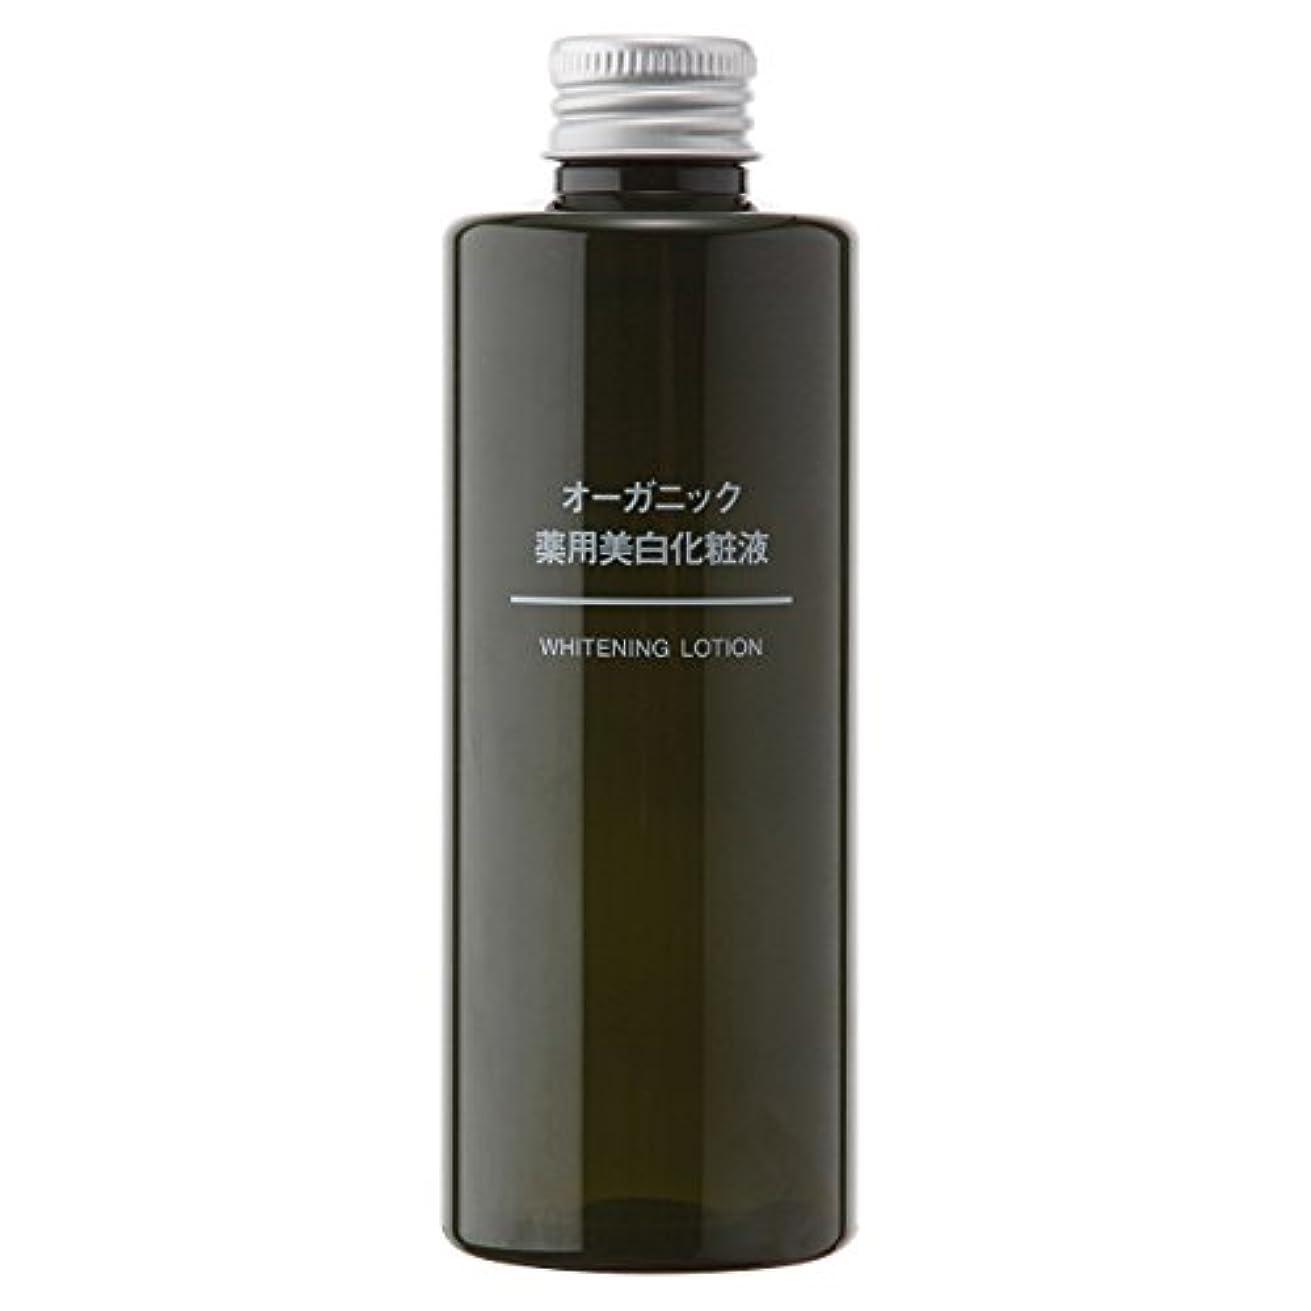 リーダーシップ気体のベリ無印良品 オーガニック薬用美白化粧液 200ml